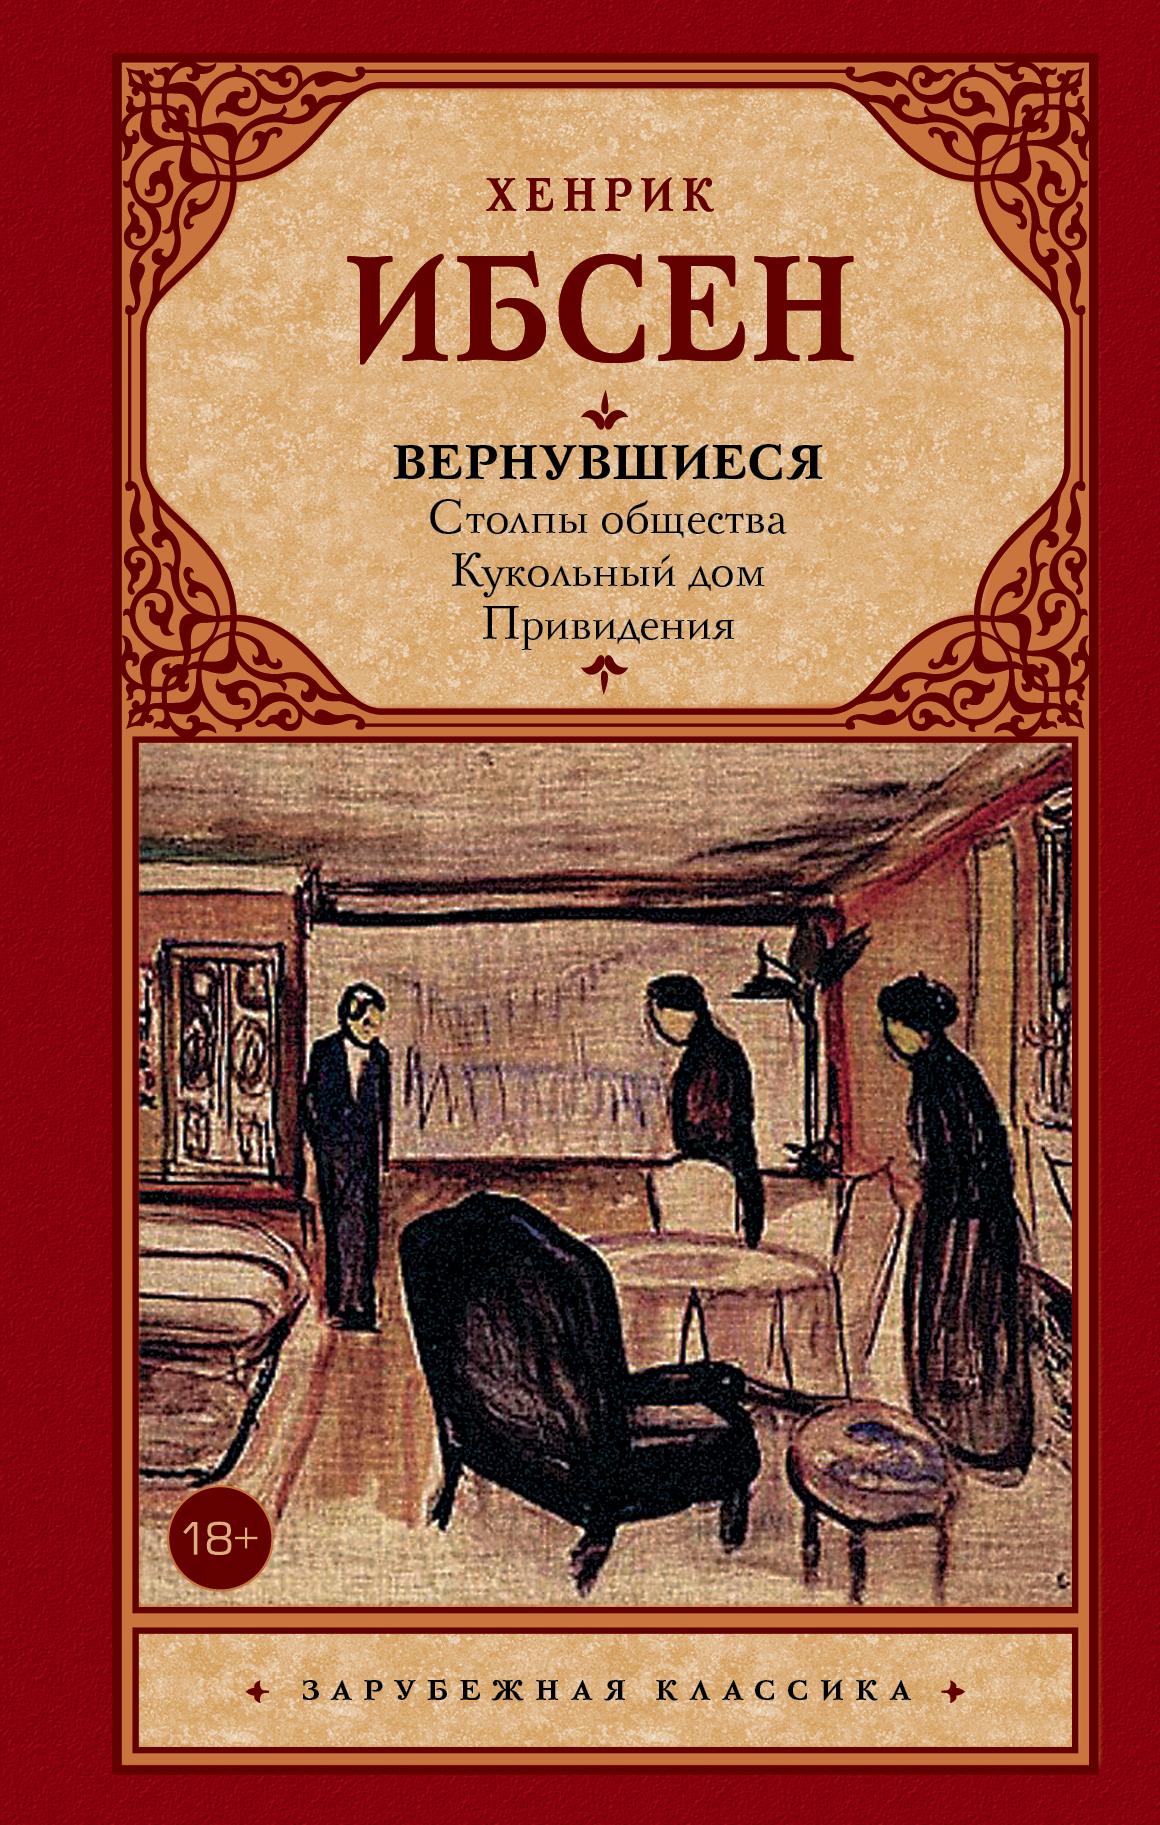 vernuvshiesya sbornik